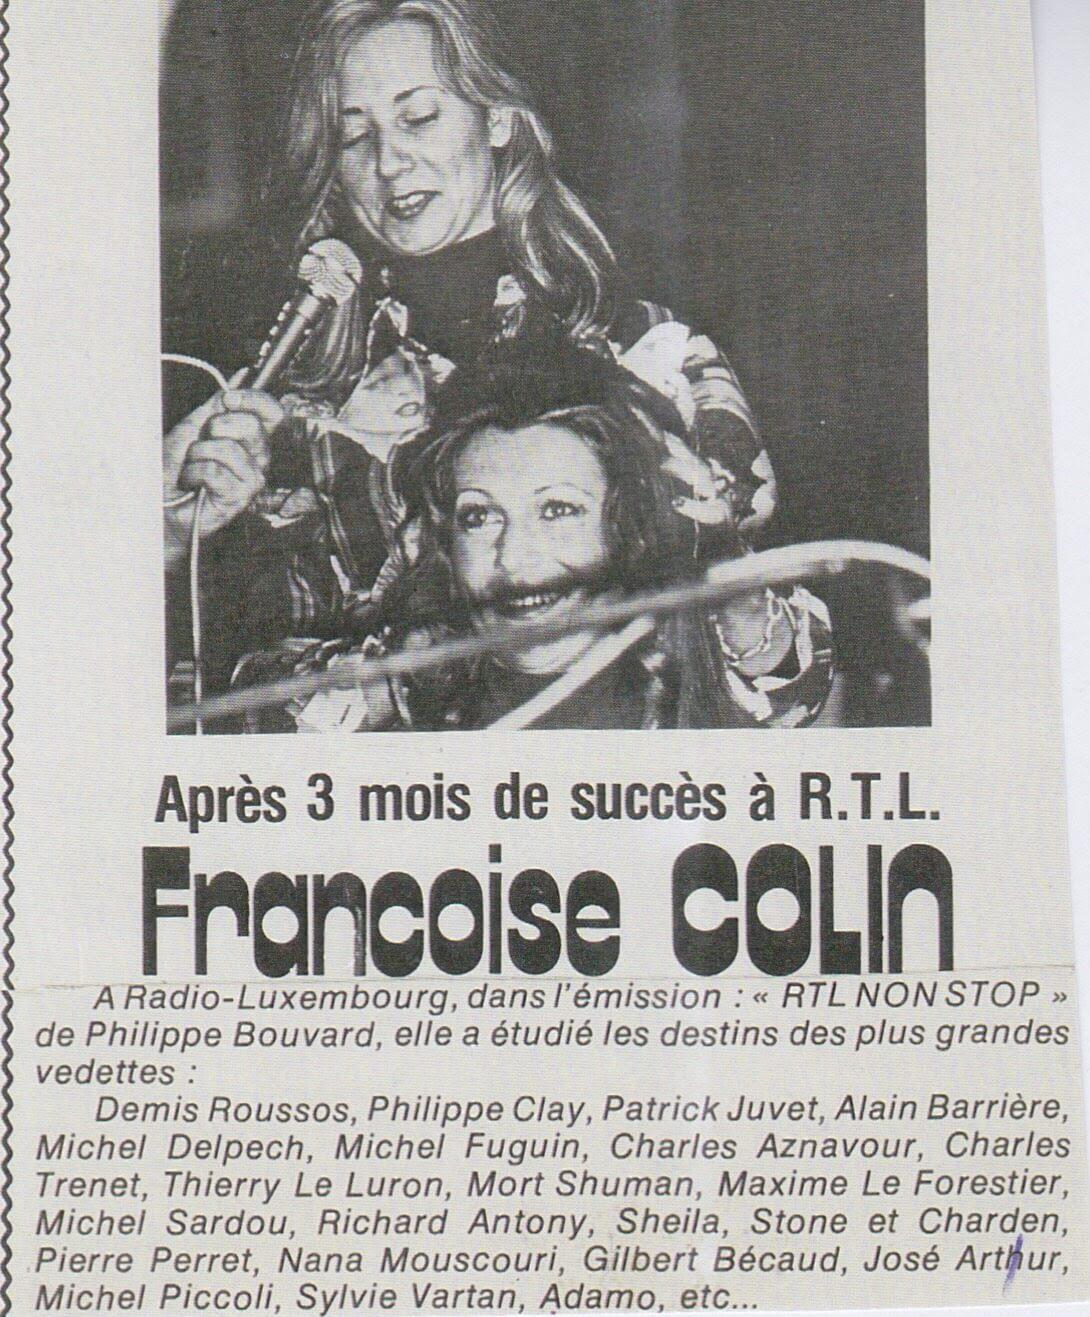 Sheila & Françoise Colin